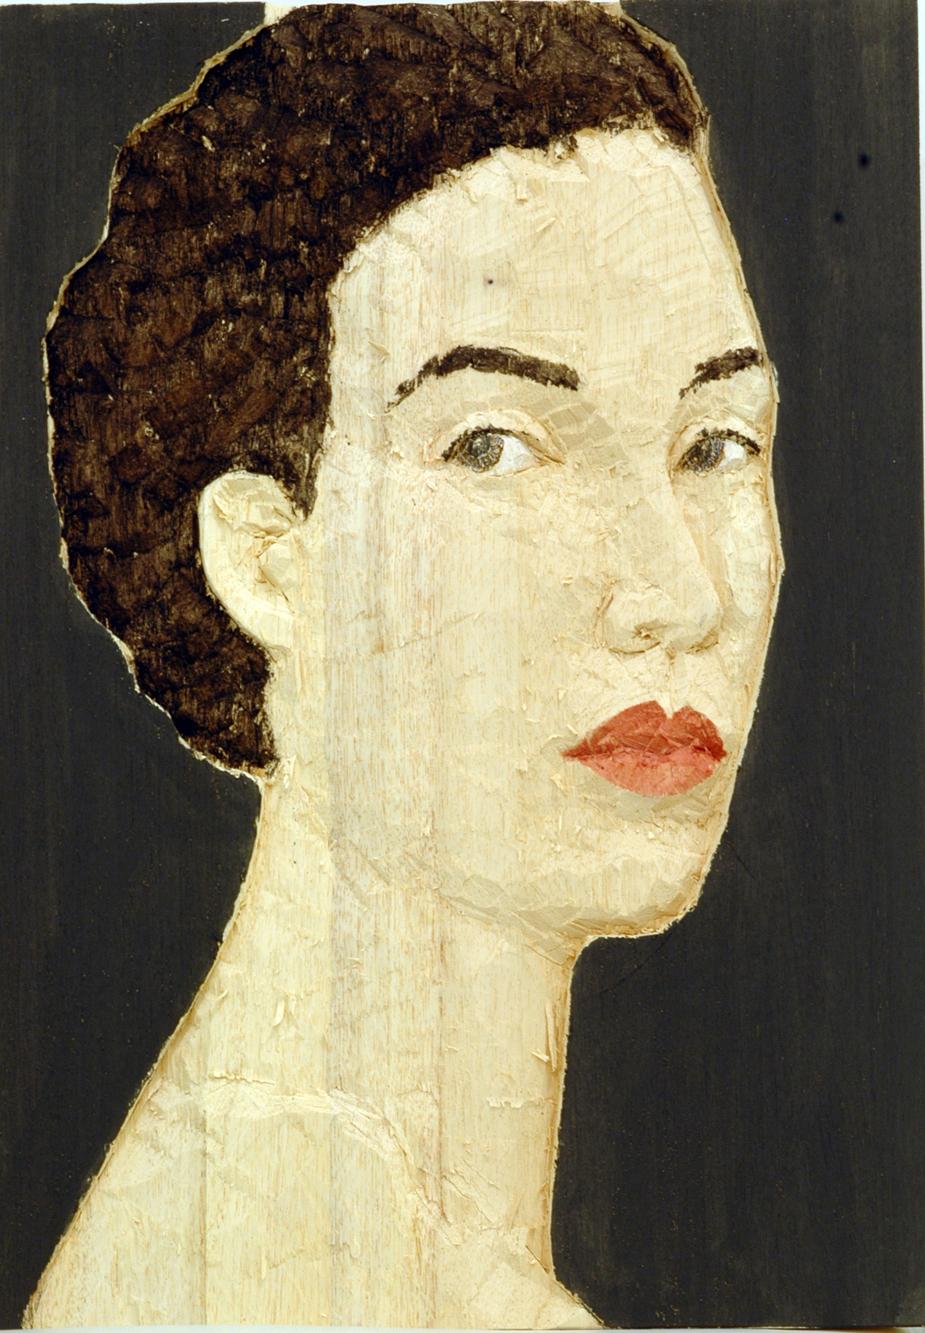 """""""Senza titolo"""" 2008, bassorilievo su legno wawa dipinto, 60 x 42 cm"""